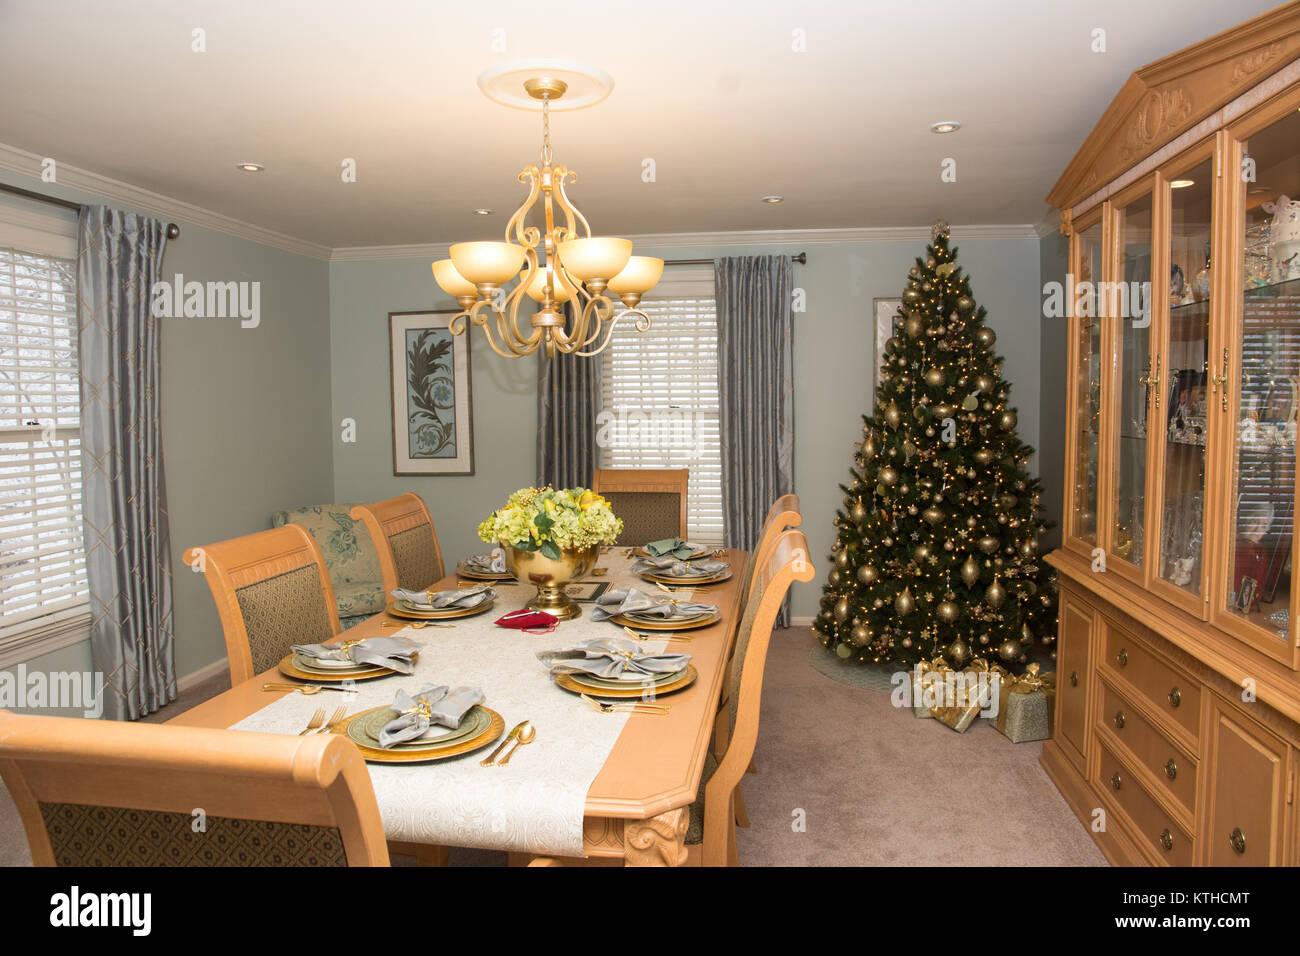 Comedor con mesa, decorado para las vacaciones de Navidad Imagen De Stock